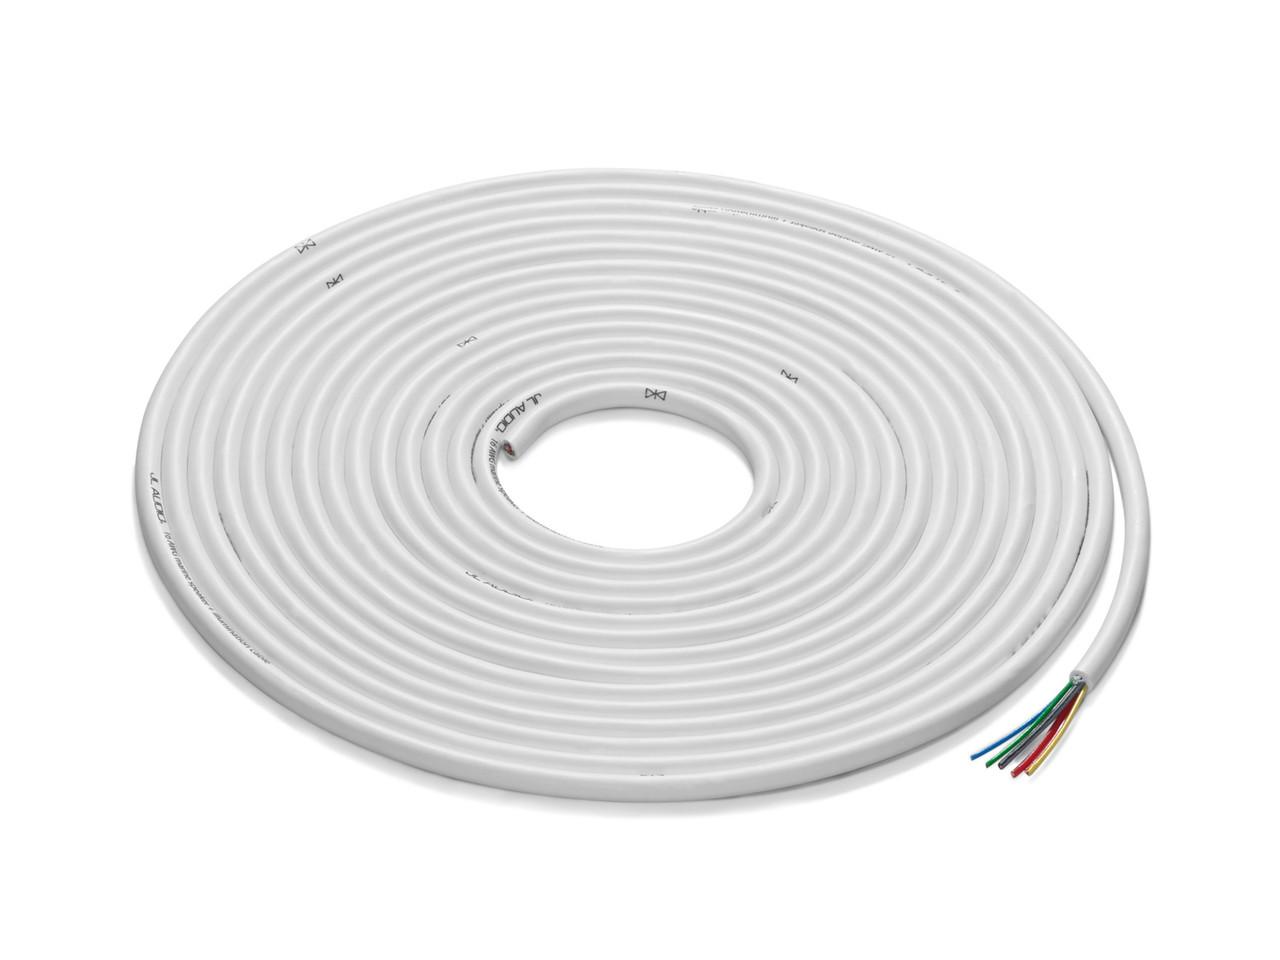 JL Audio XM-WHTMFC-25 25 ft. (7.62 m) 6-Conductor, White ...